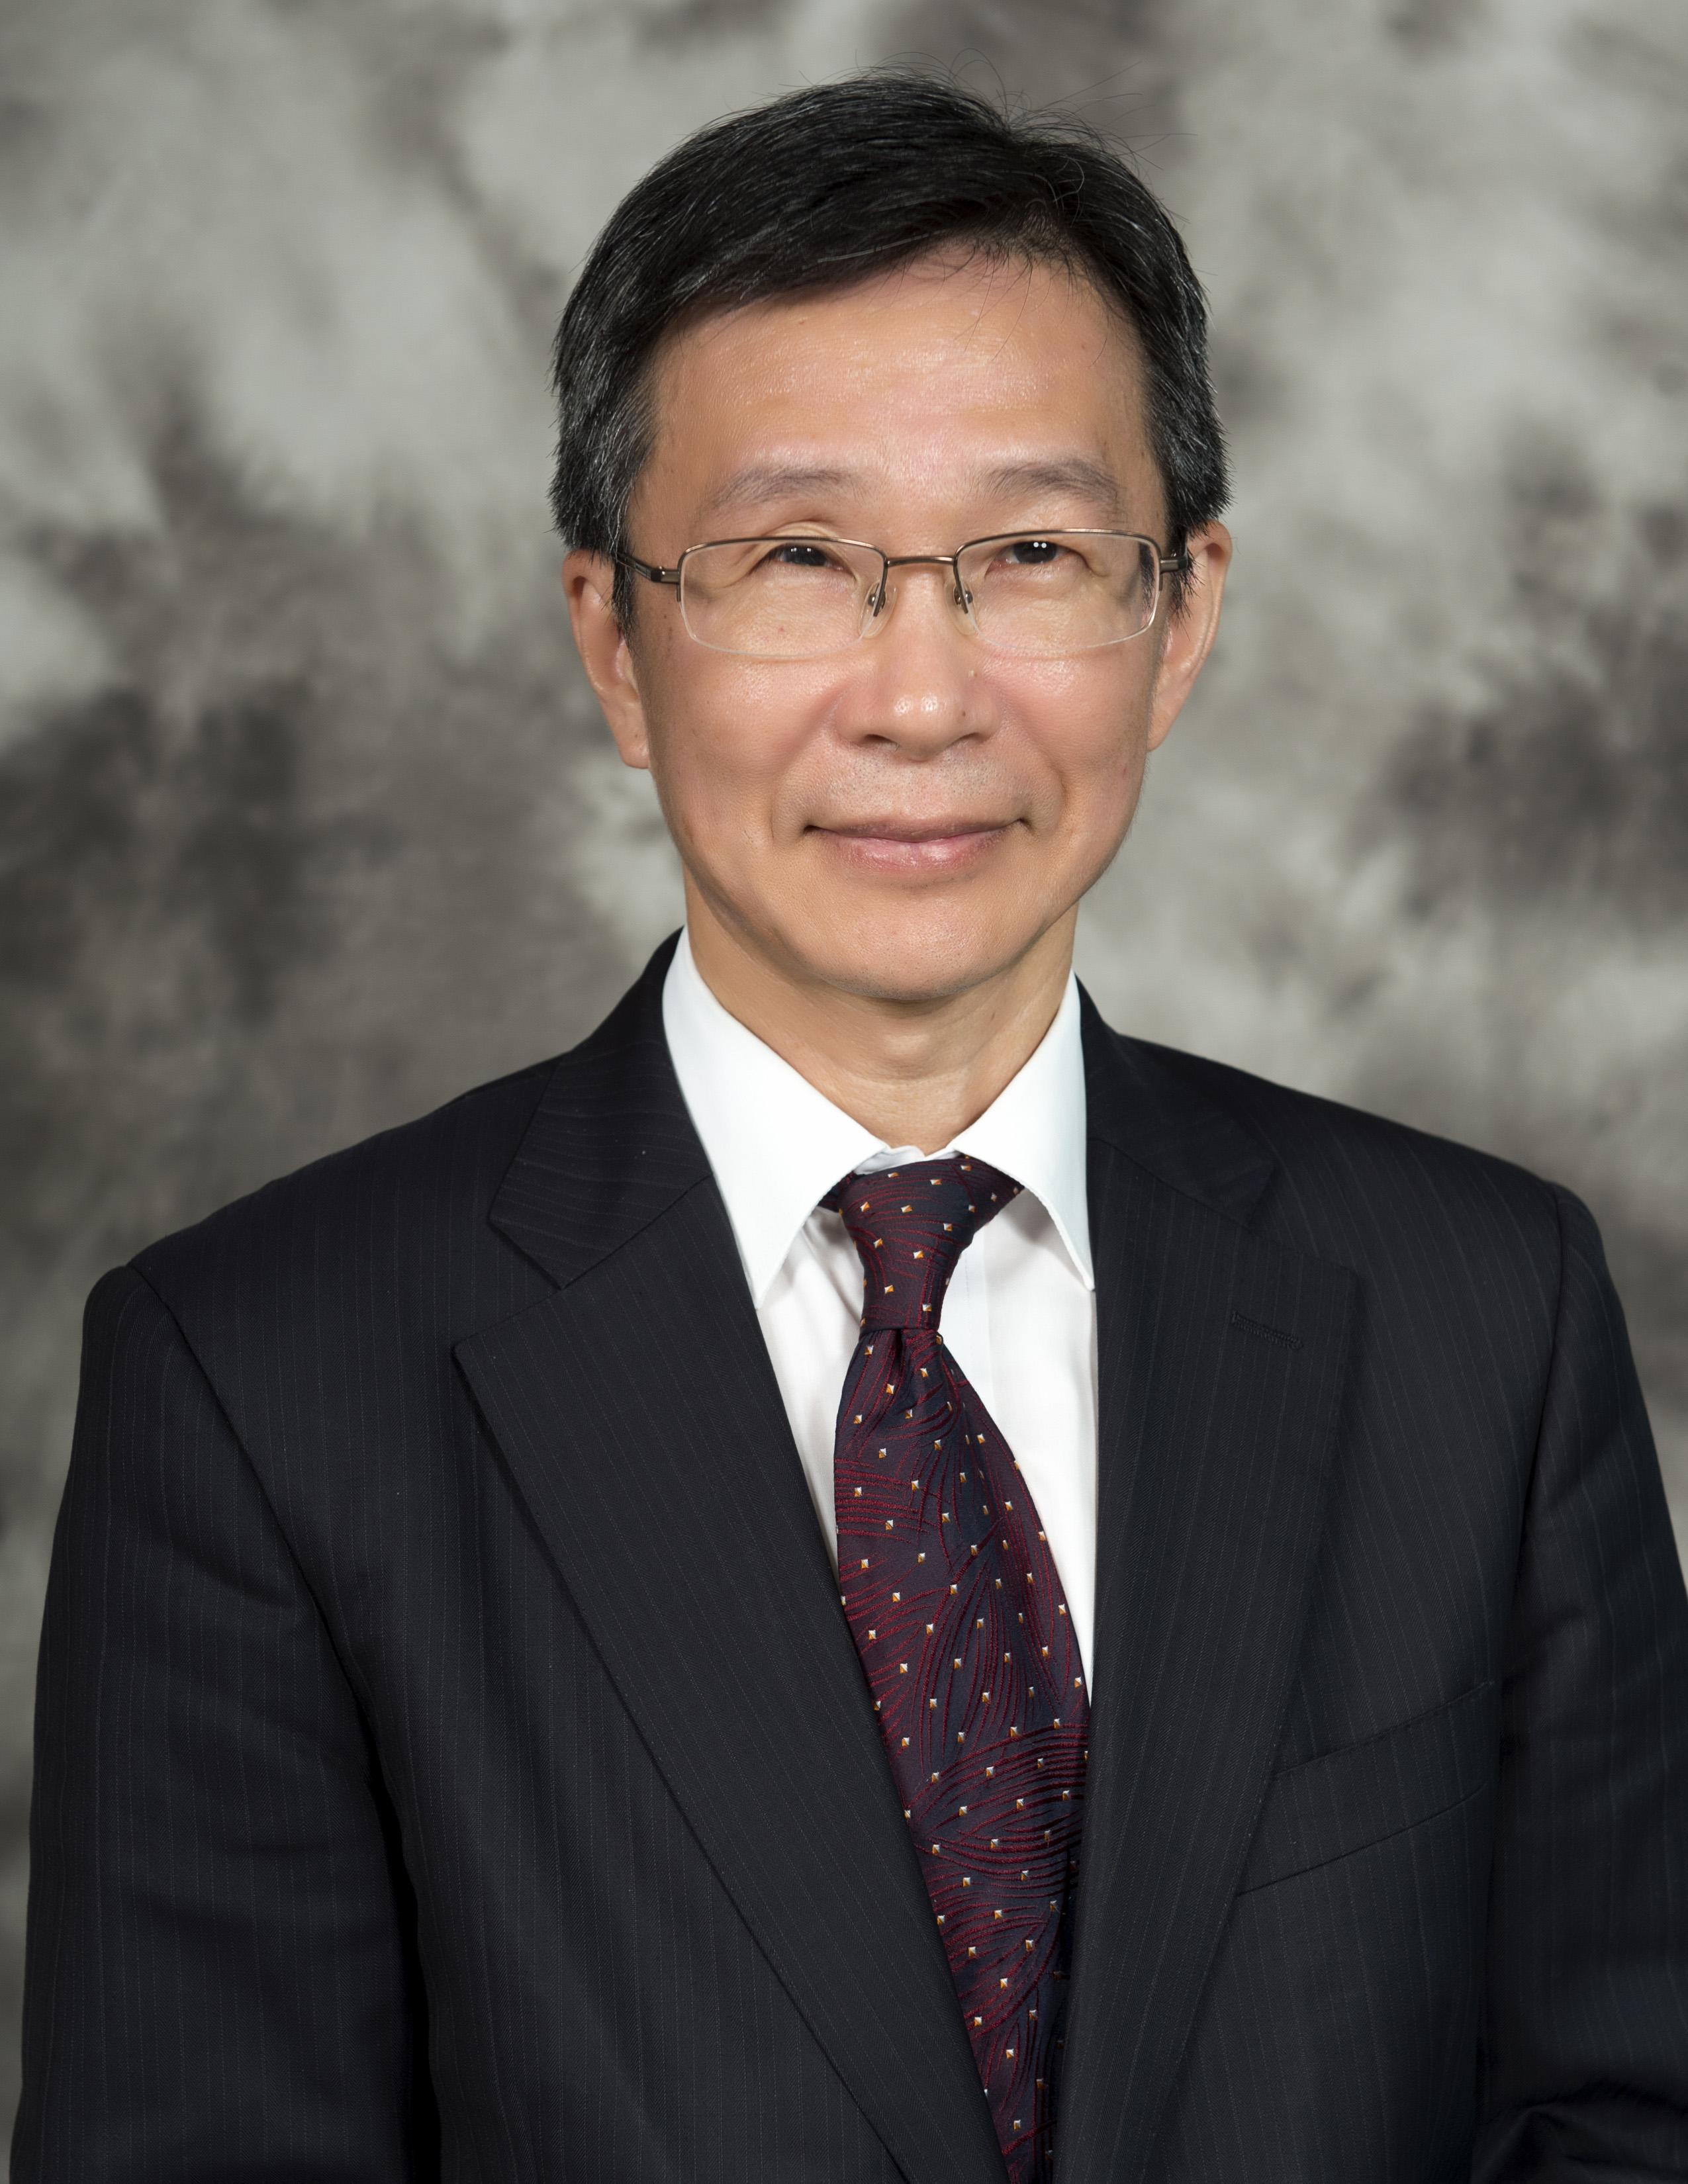 Dr. Hong Fung